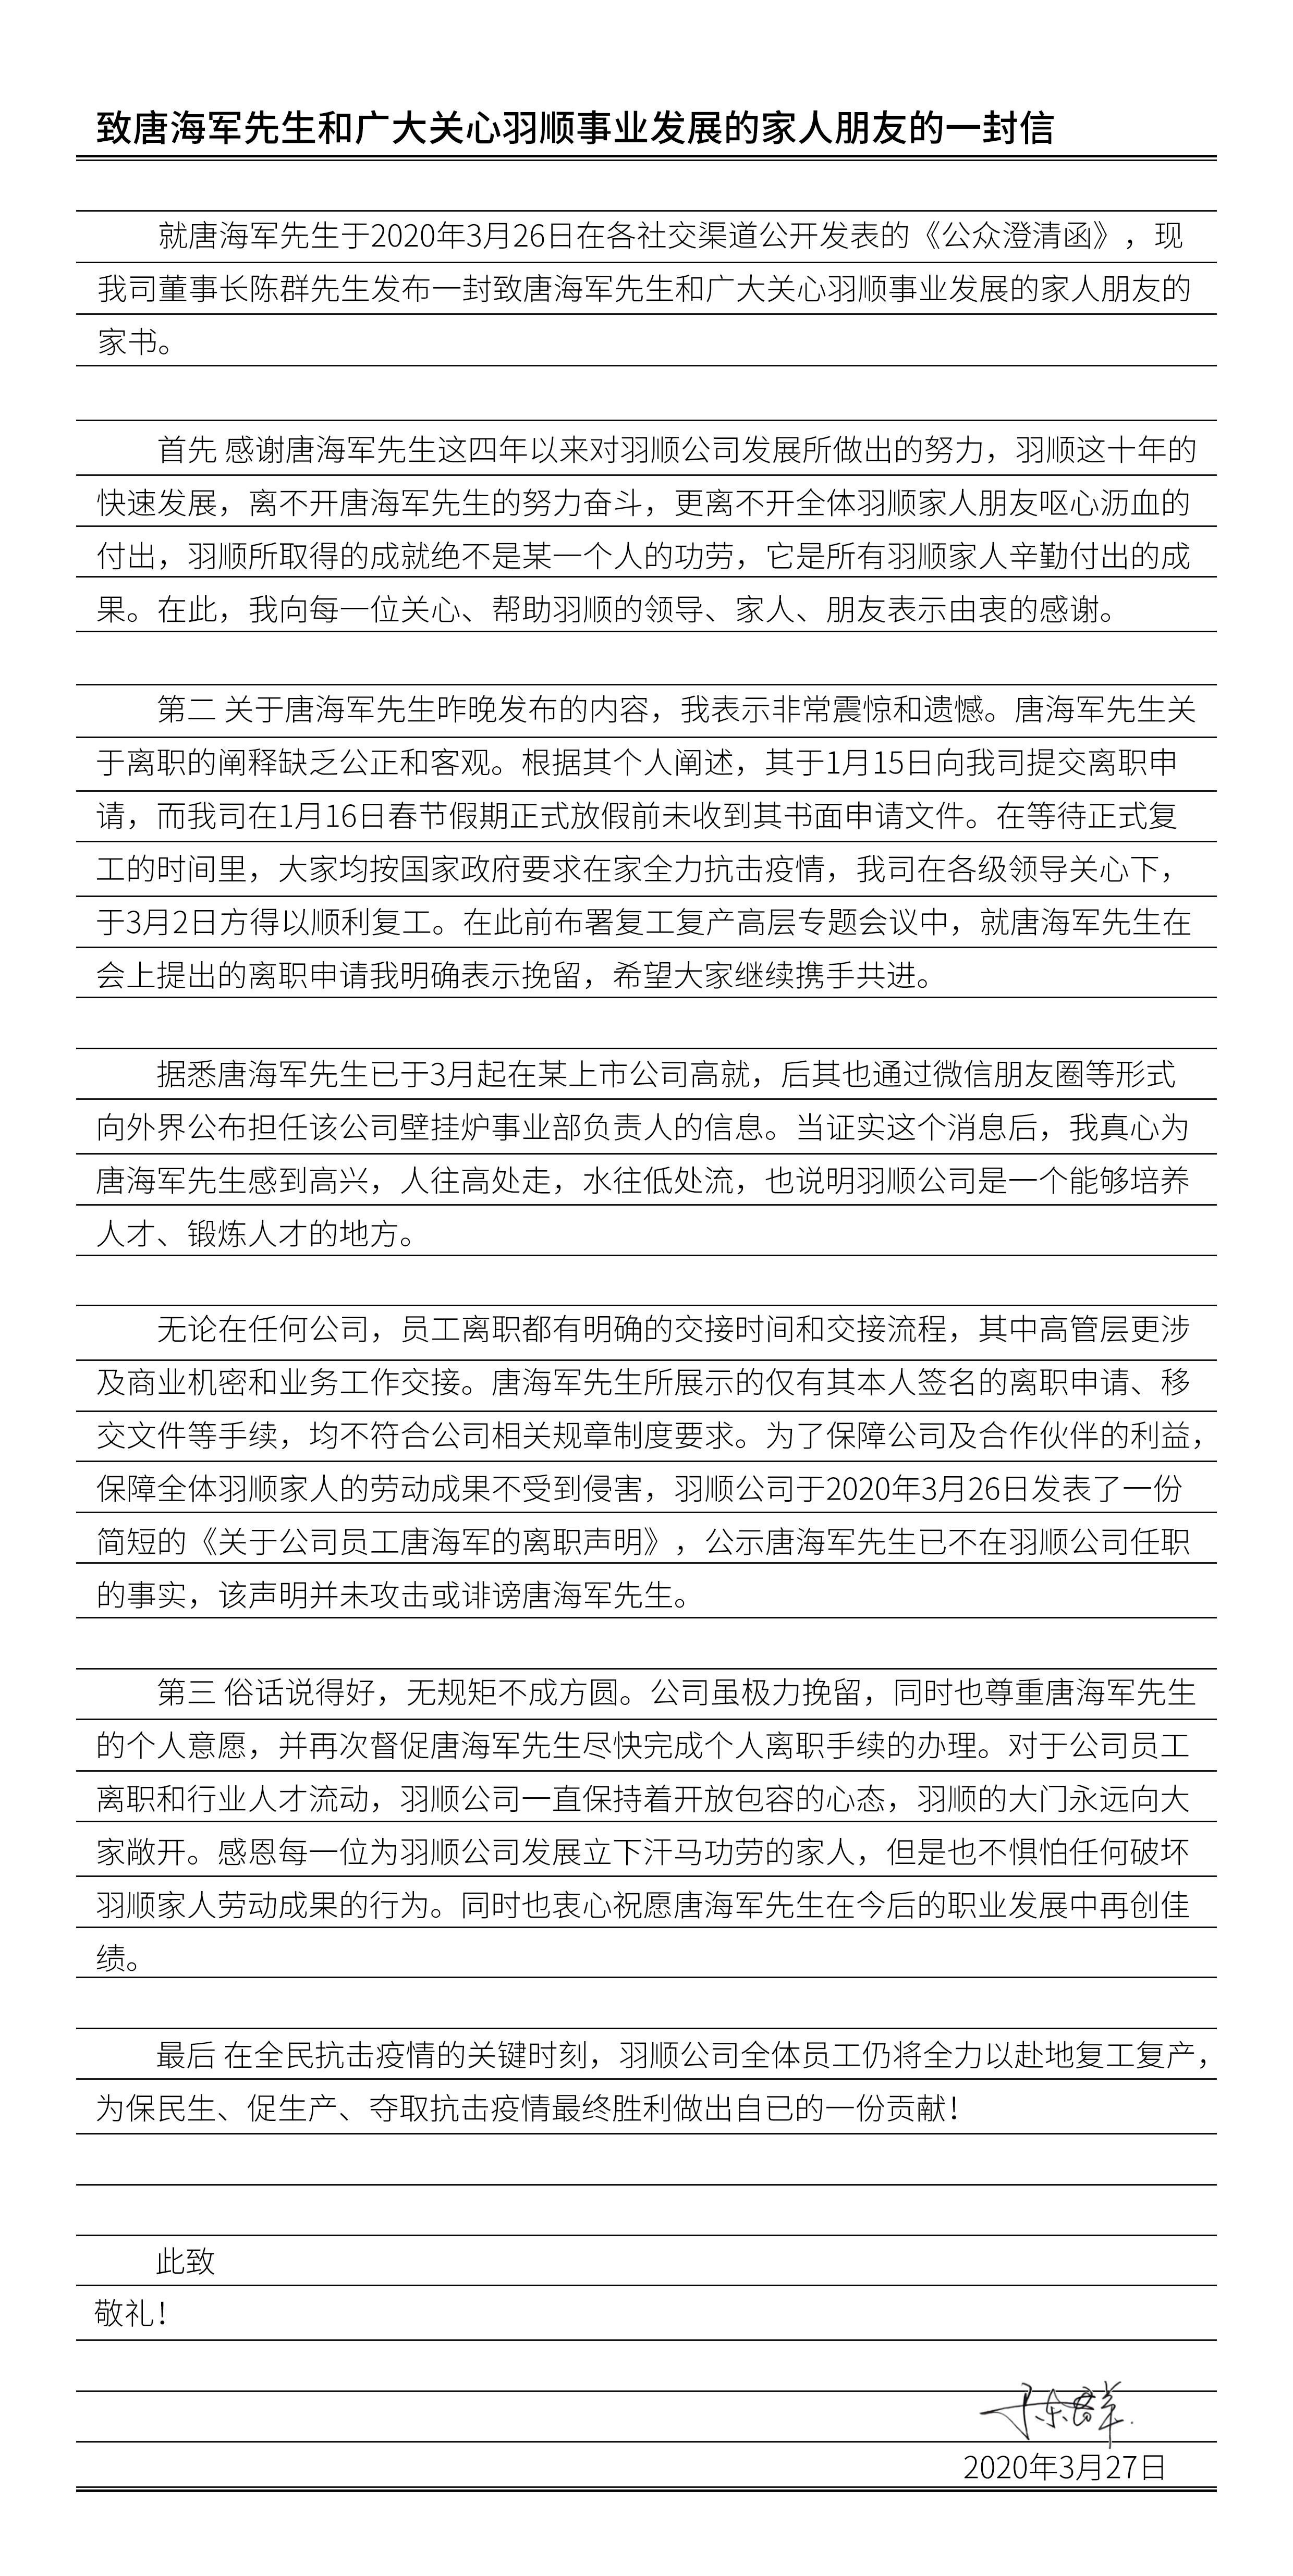 致唐海军先生和广大关心羽顺事业发展的家人朋友的一封信